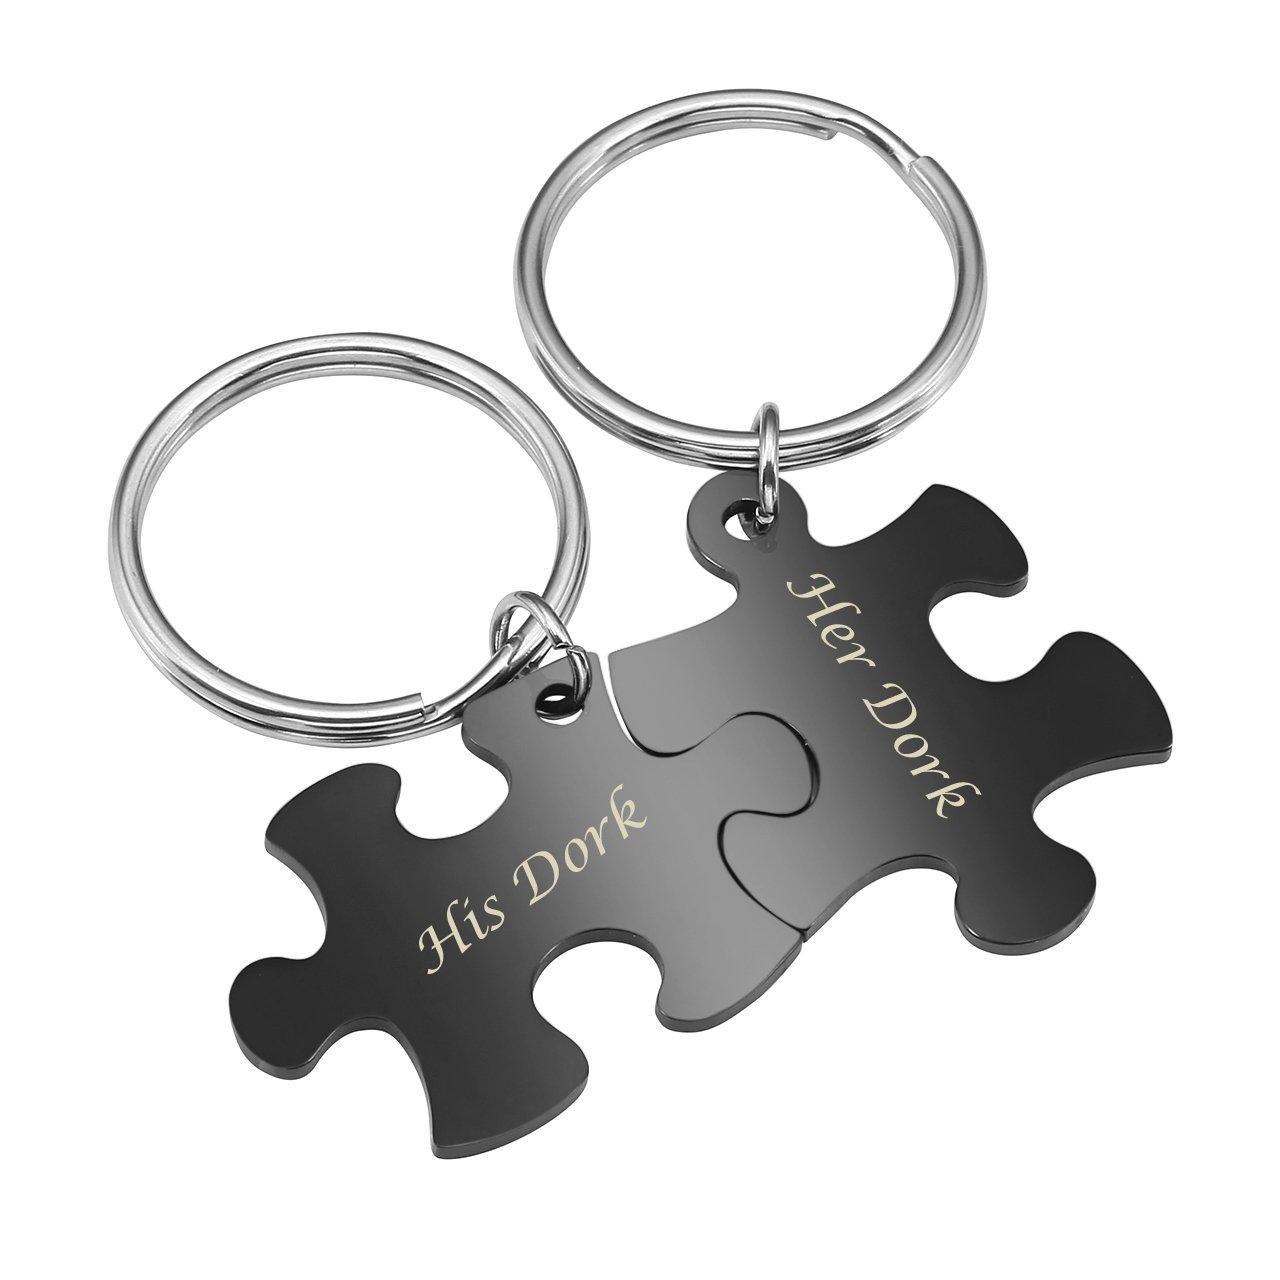 BOPREINA Personalized Gravur 2X Edelstahl 33*22mm Zwei Puzzle Schlüsselanhänger Partner Paare Liebe Freundschaft Schlüsselbund Schlüsselring Keychain (Schwarz, mit Gravur)